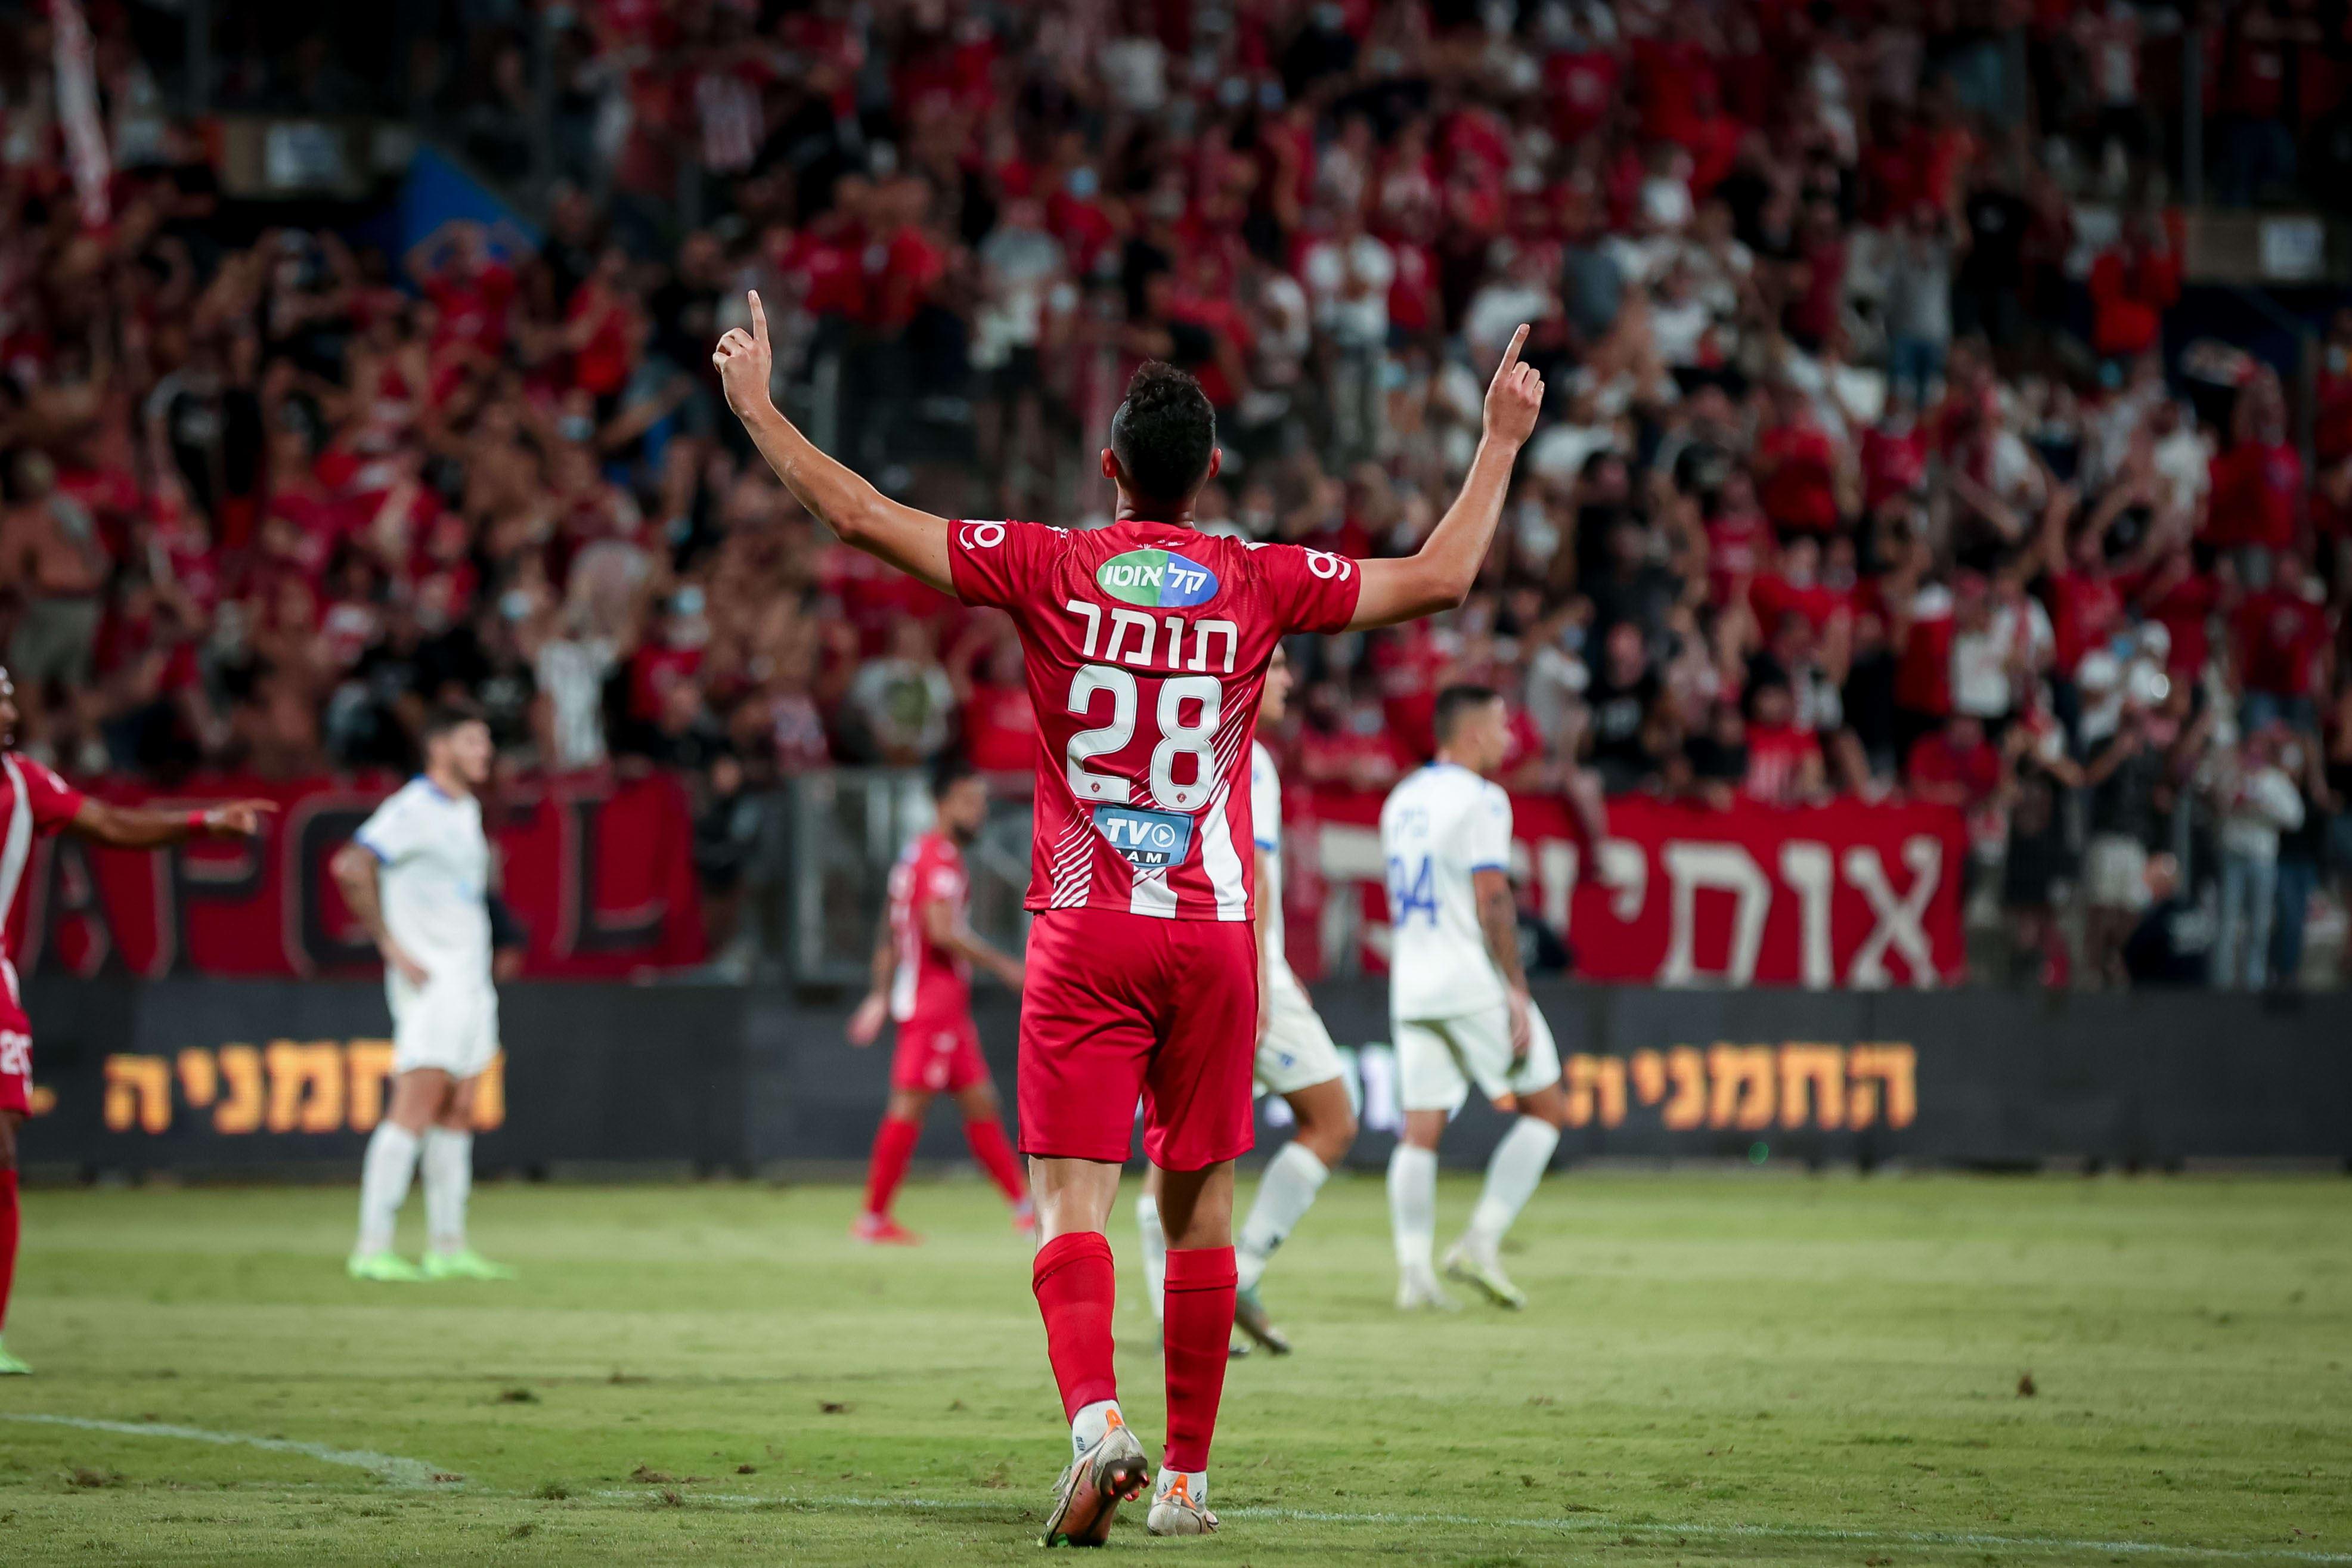 שחקן הפועל תל אביב יואב תומר